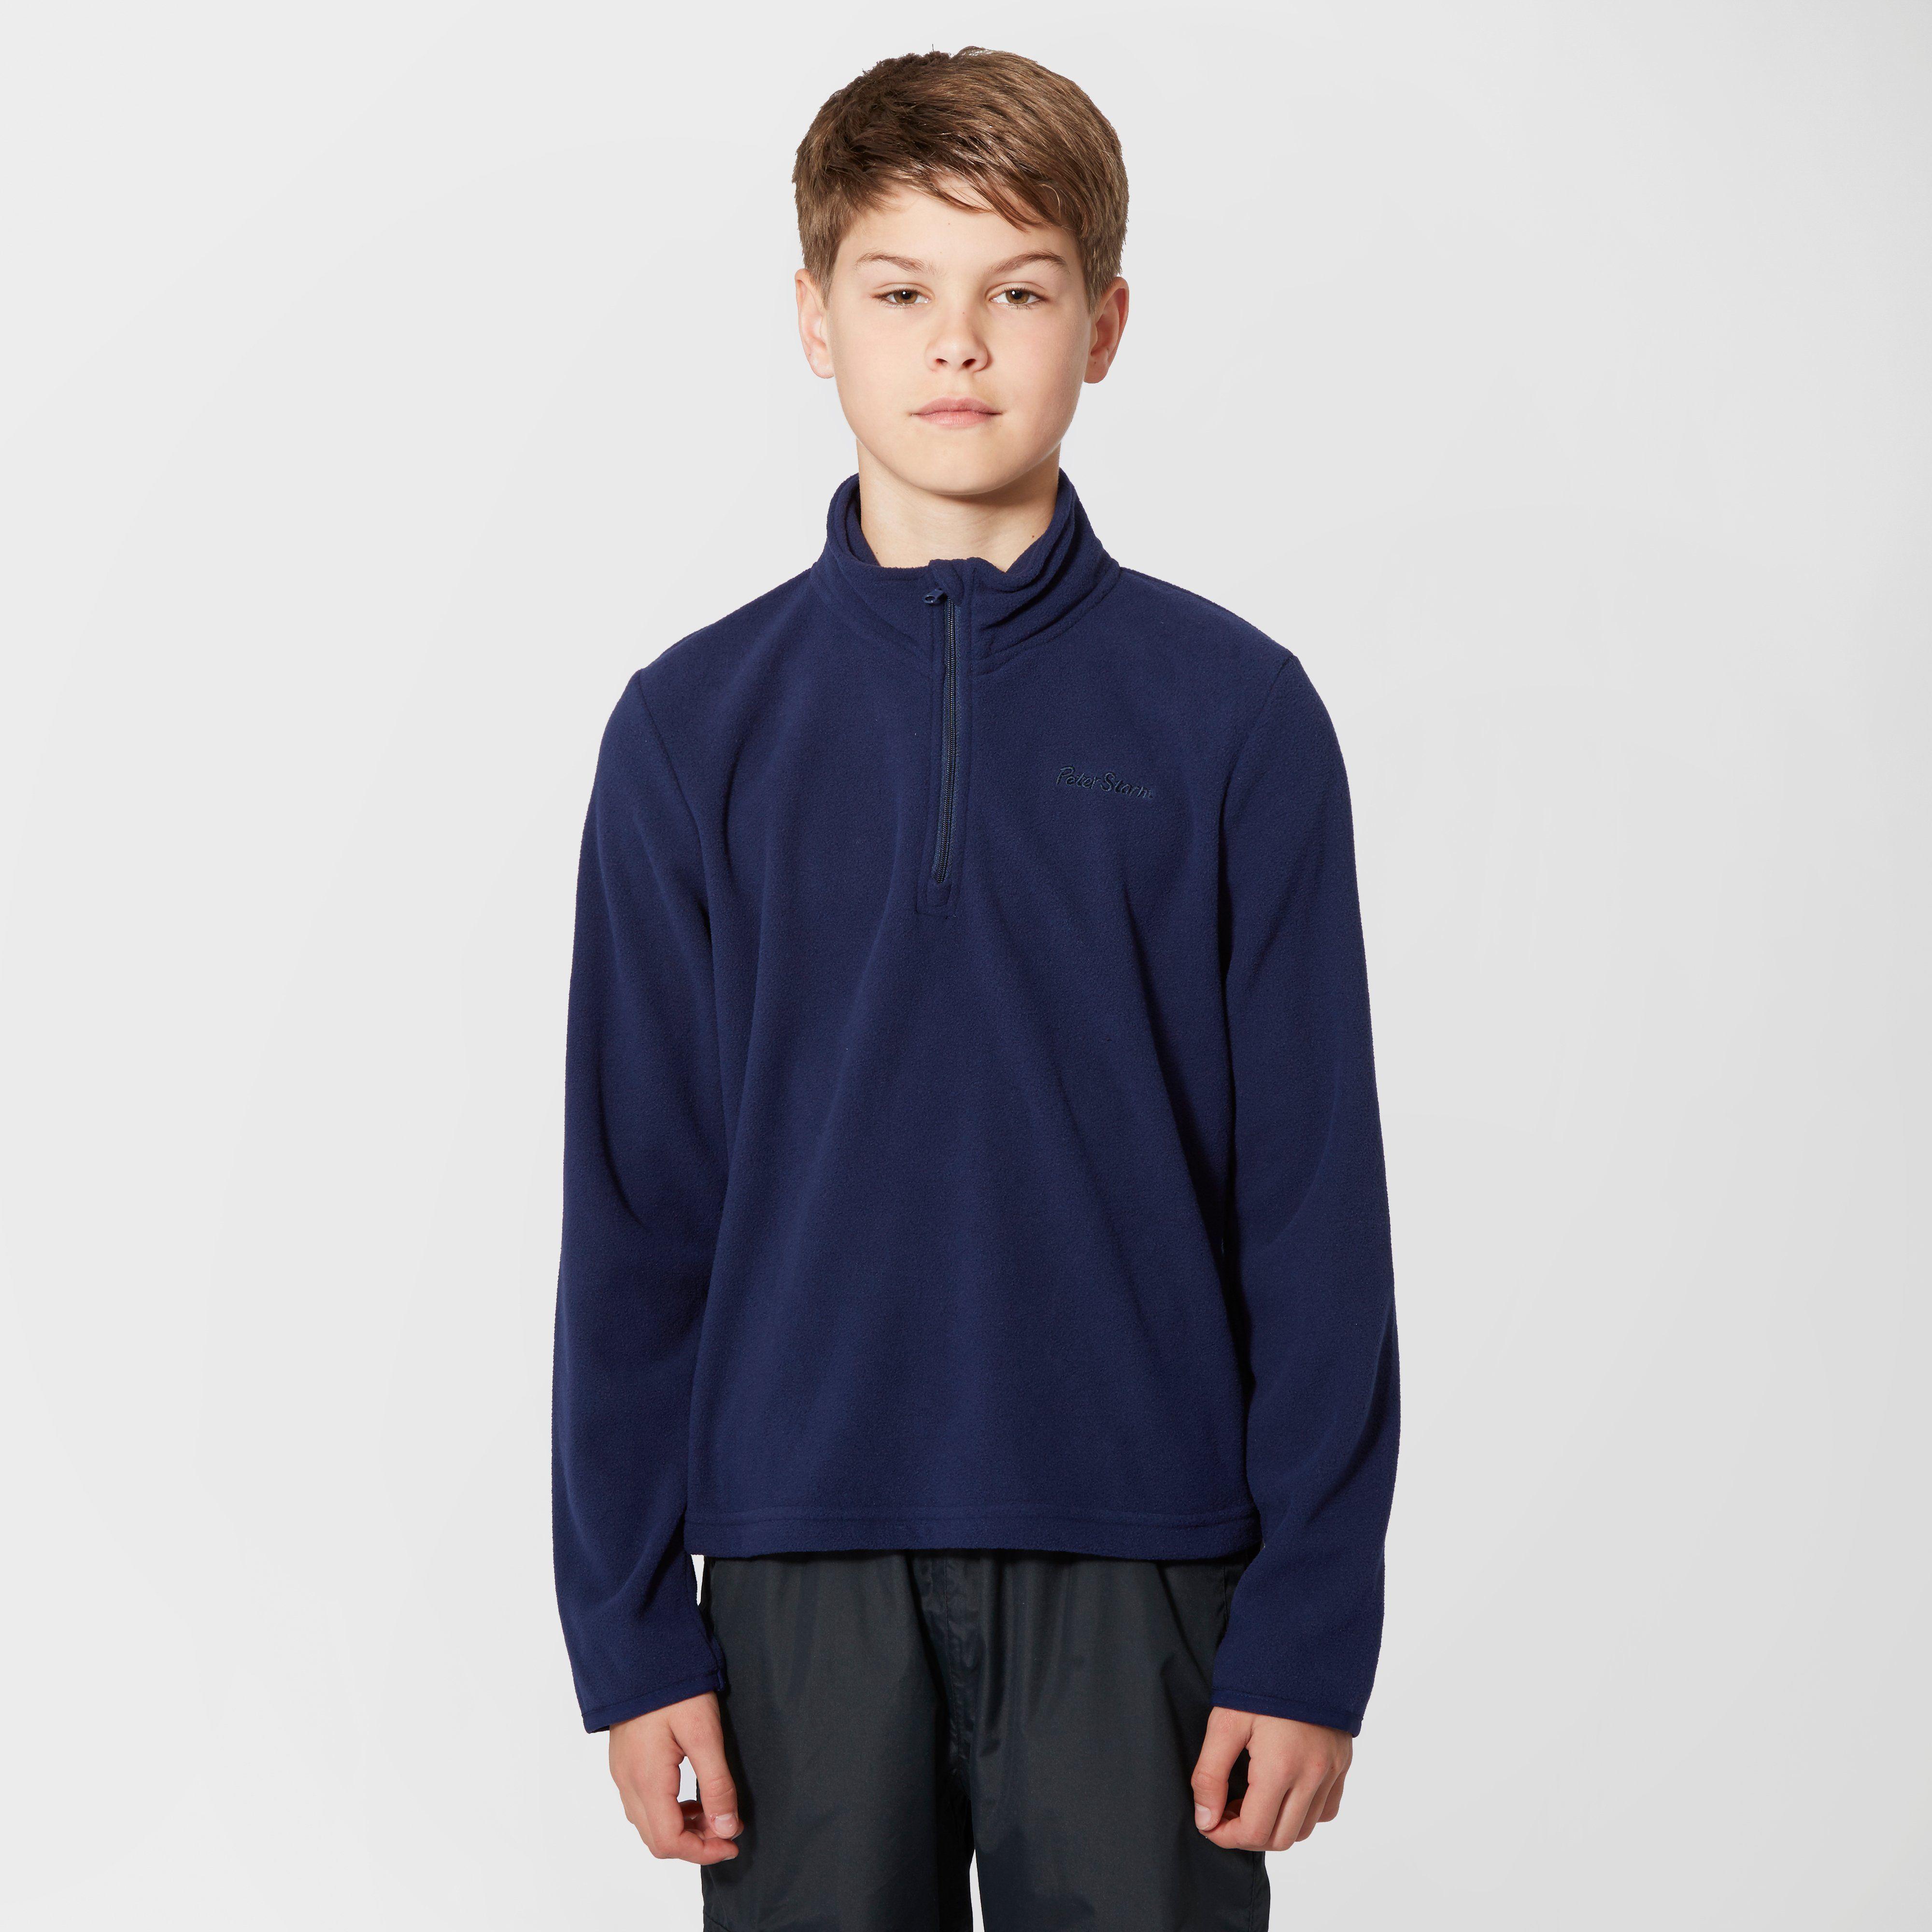 PETER STORM Kids' Unisex Coniston Half Zip Fleece